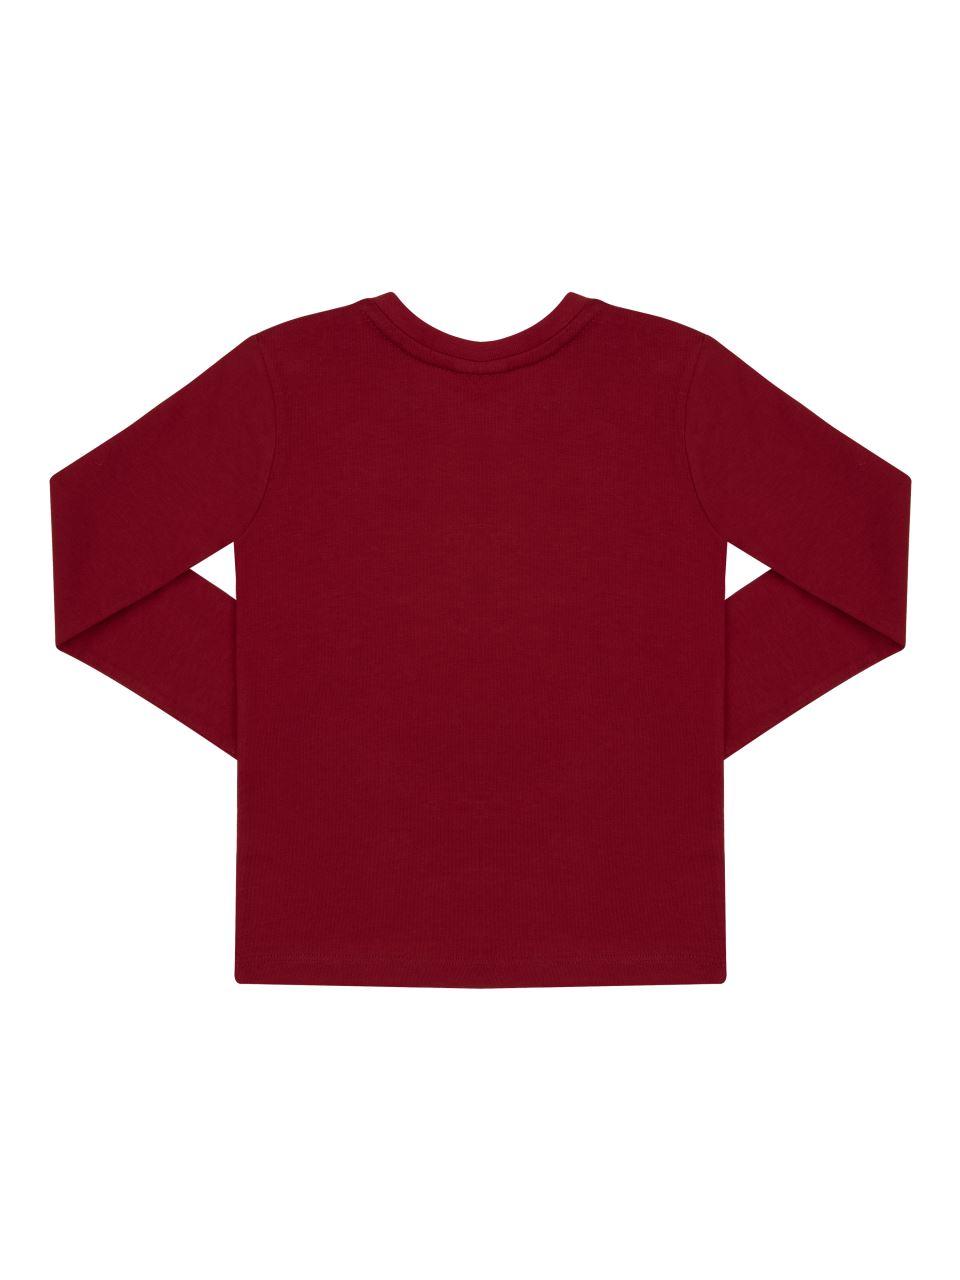 B95047 Uzun Kollu T-shirt